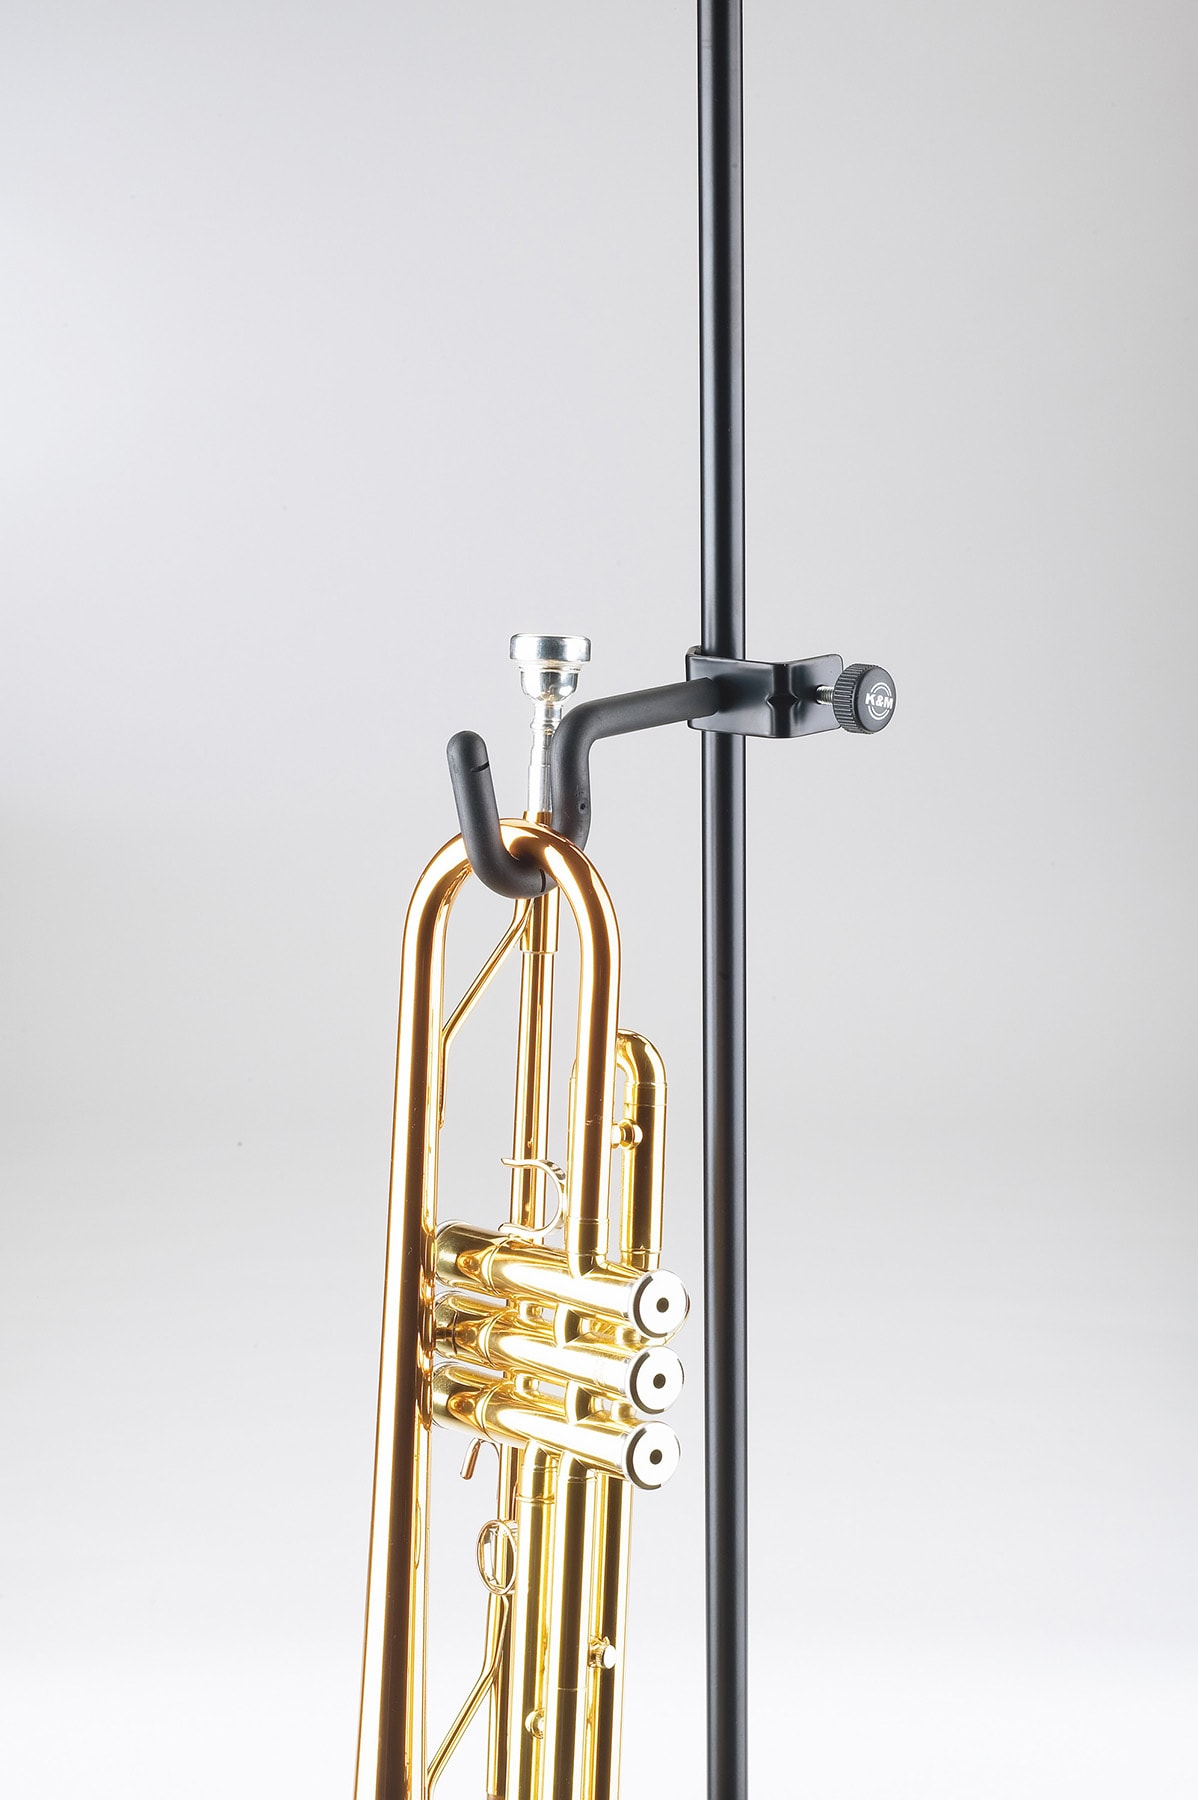 KM157 - Trumpet holder